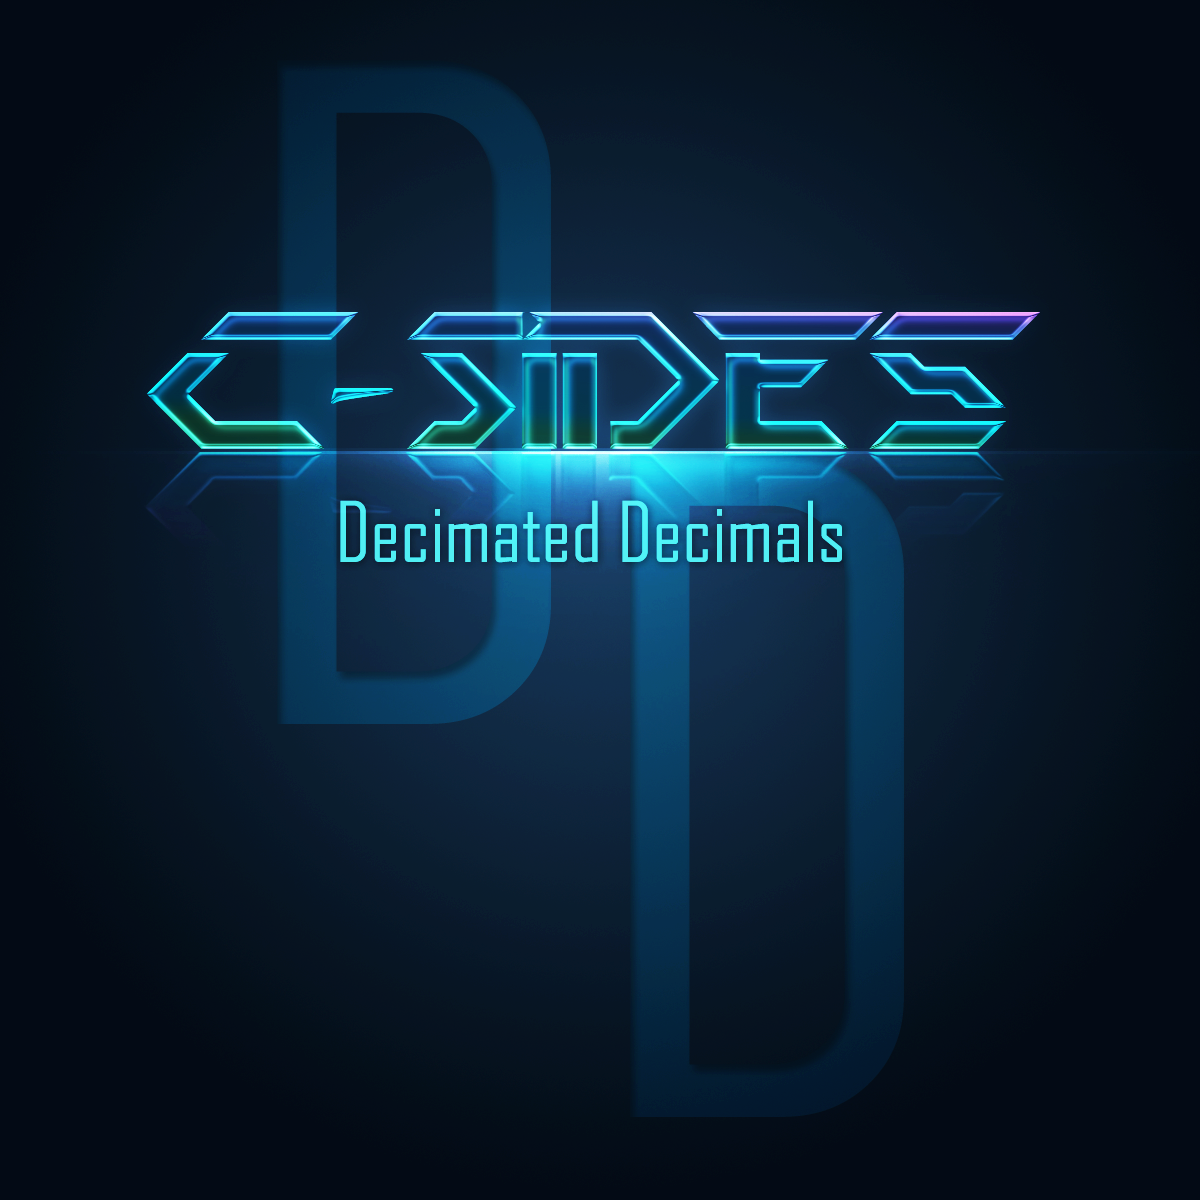 c-sides2